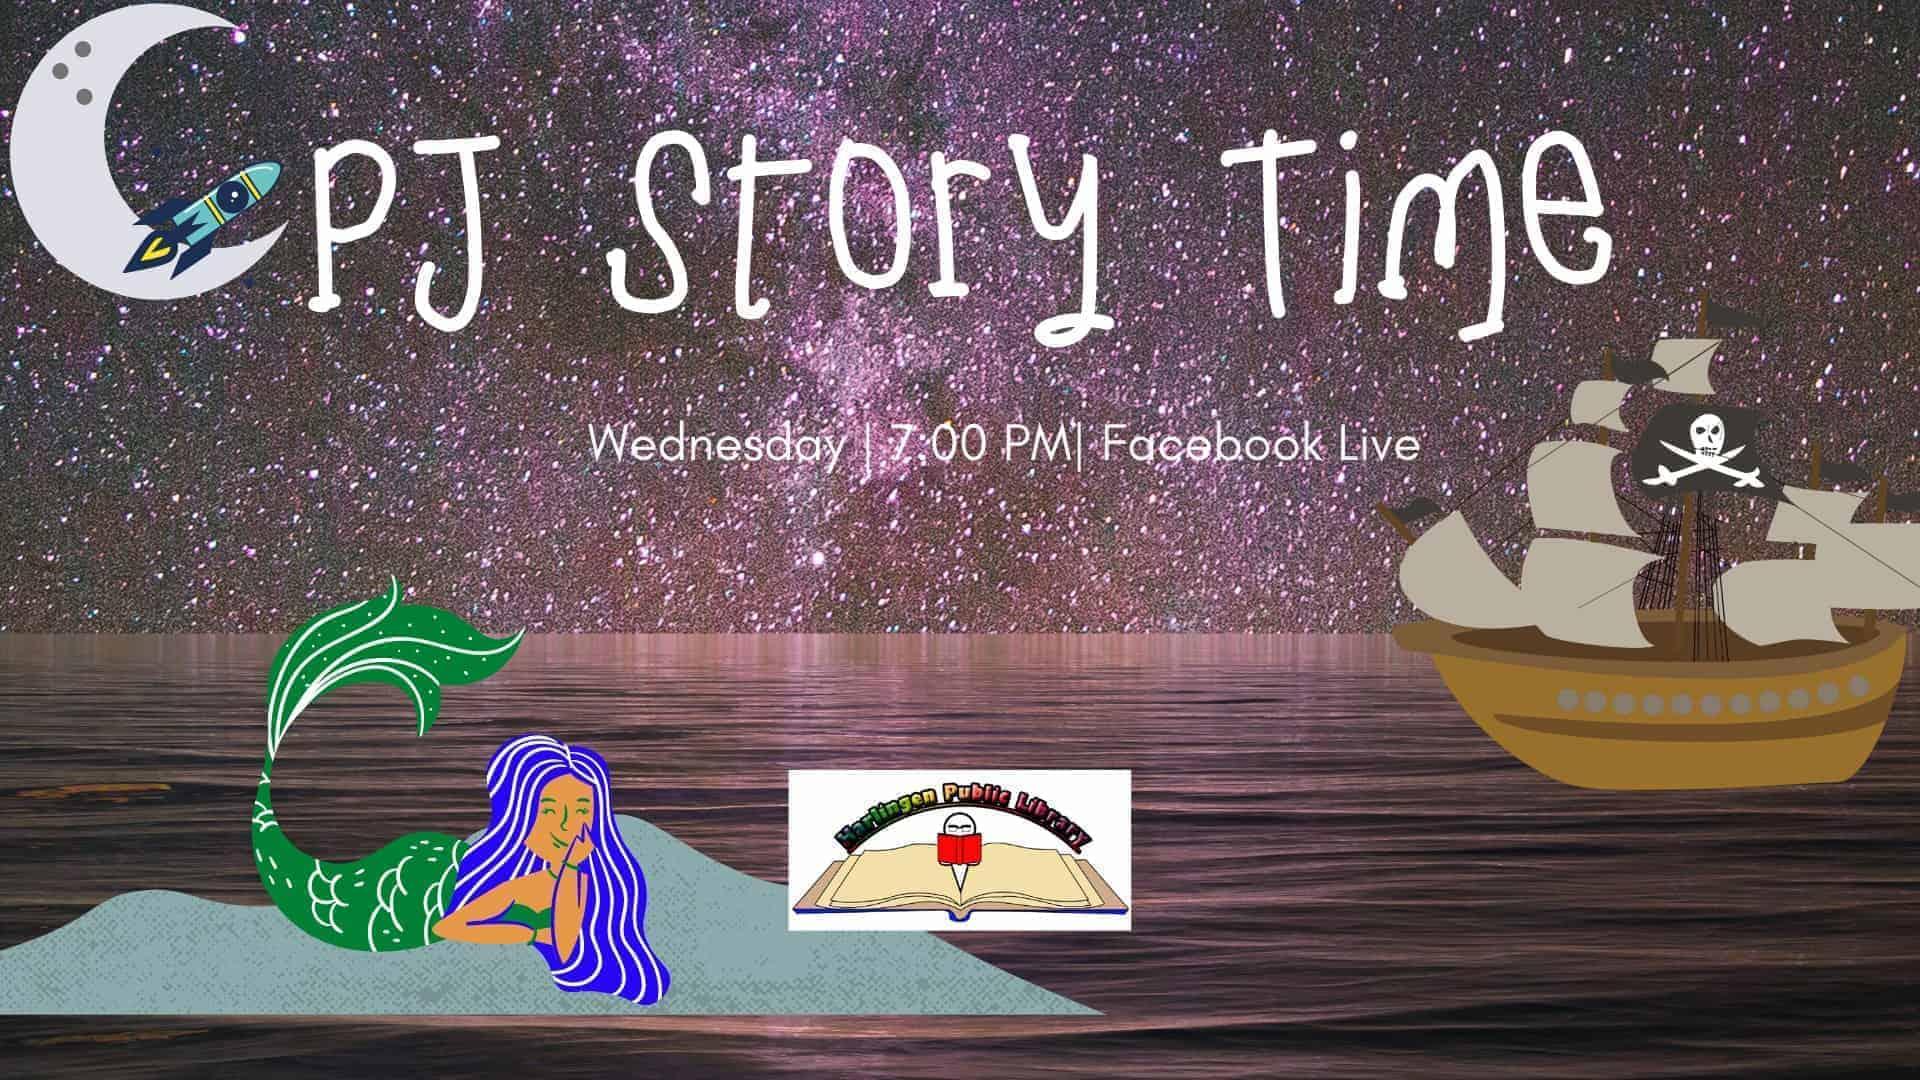 Harligen - PJ Storytime